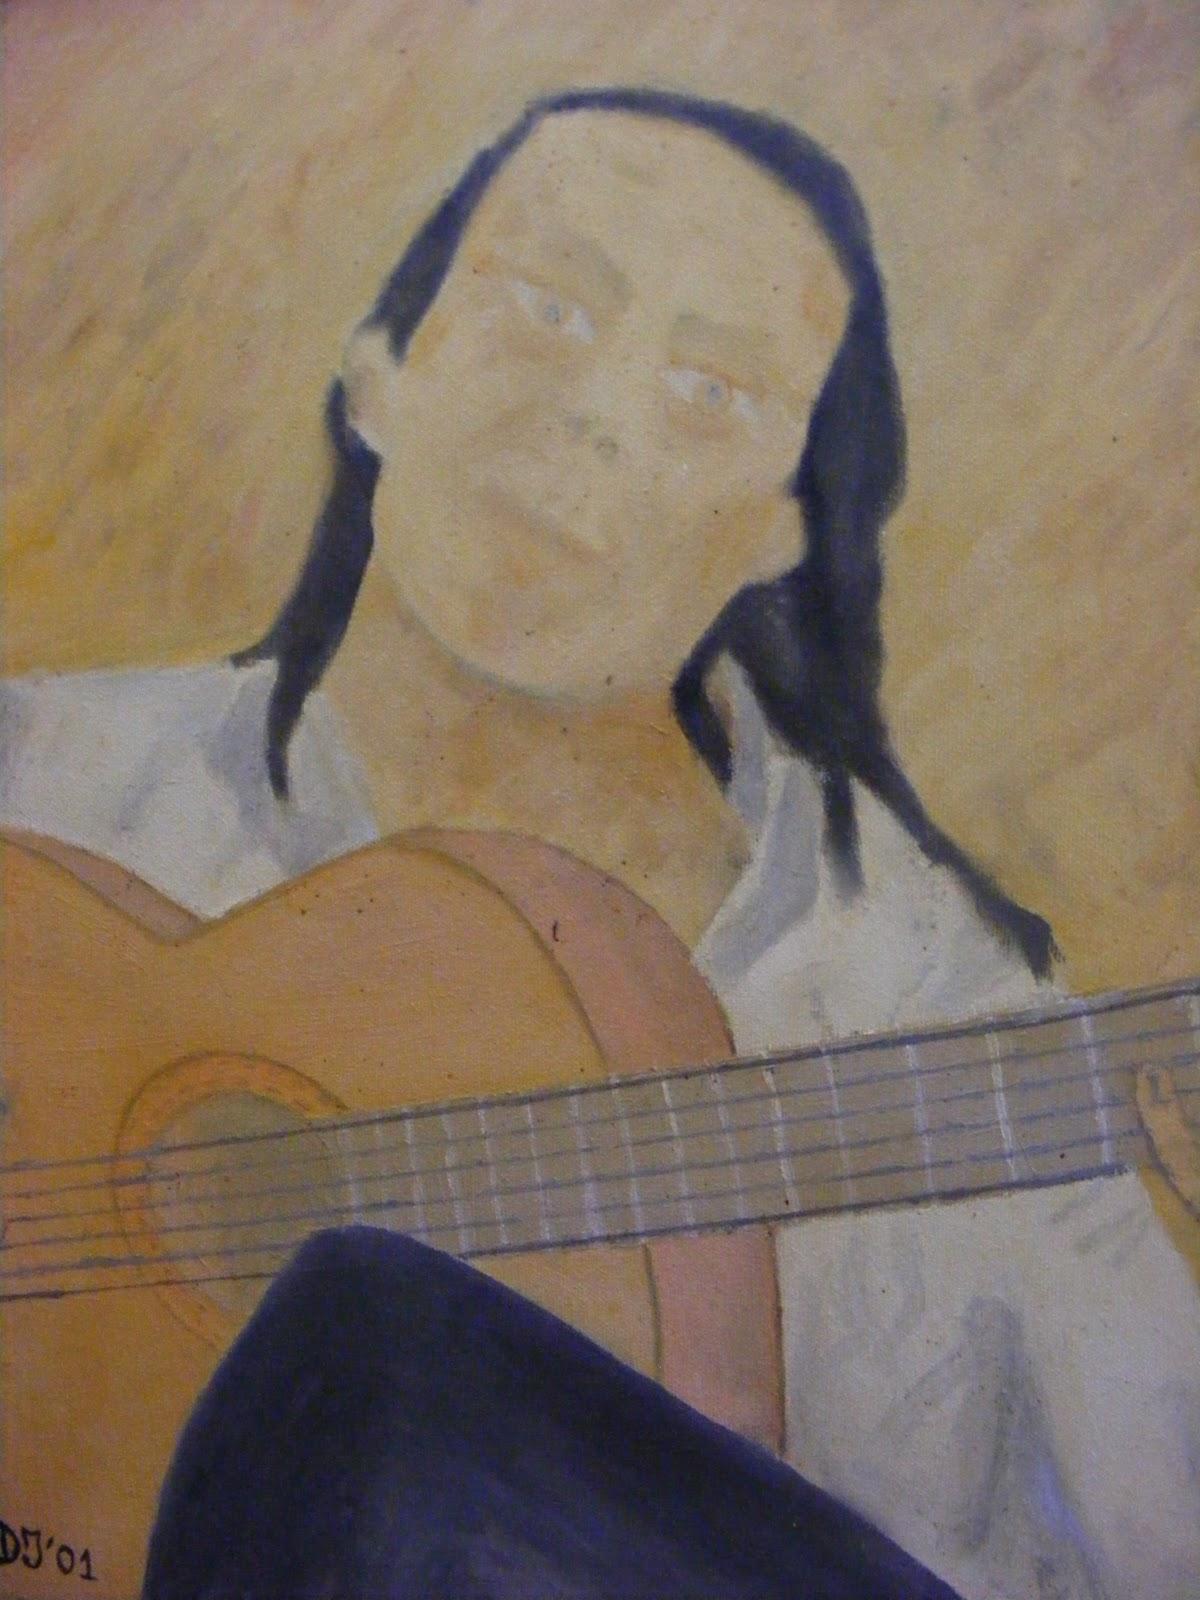 """Pintura """"La dualidad"""" por diegosax (de Paco de Lucía - diegosax)""""RetratoAuto"""" al Oleo Libre"""